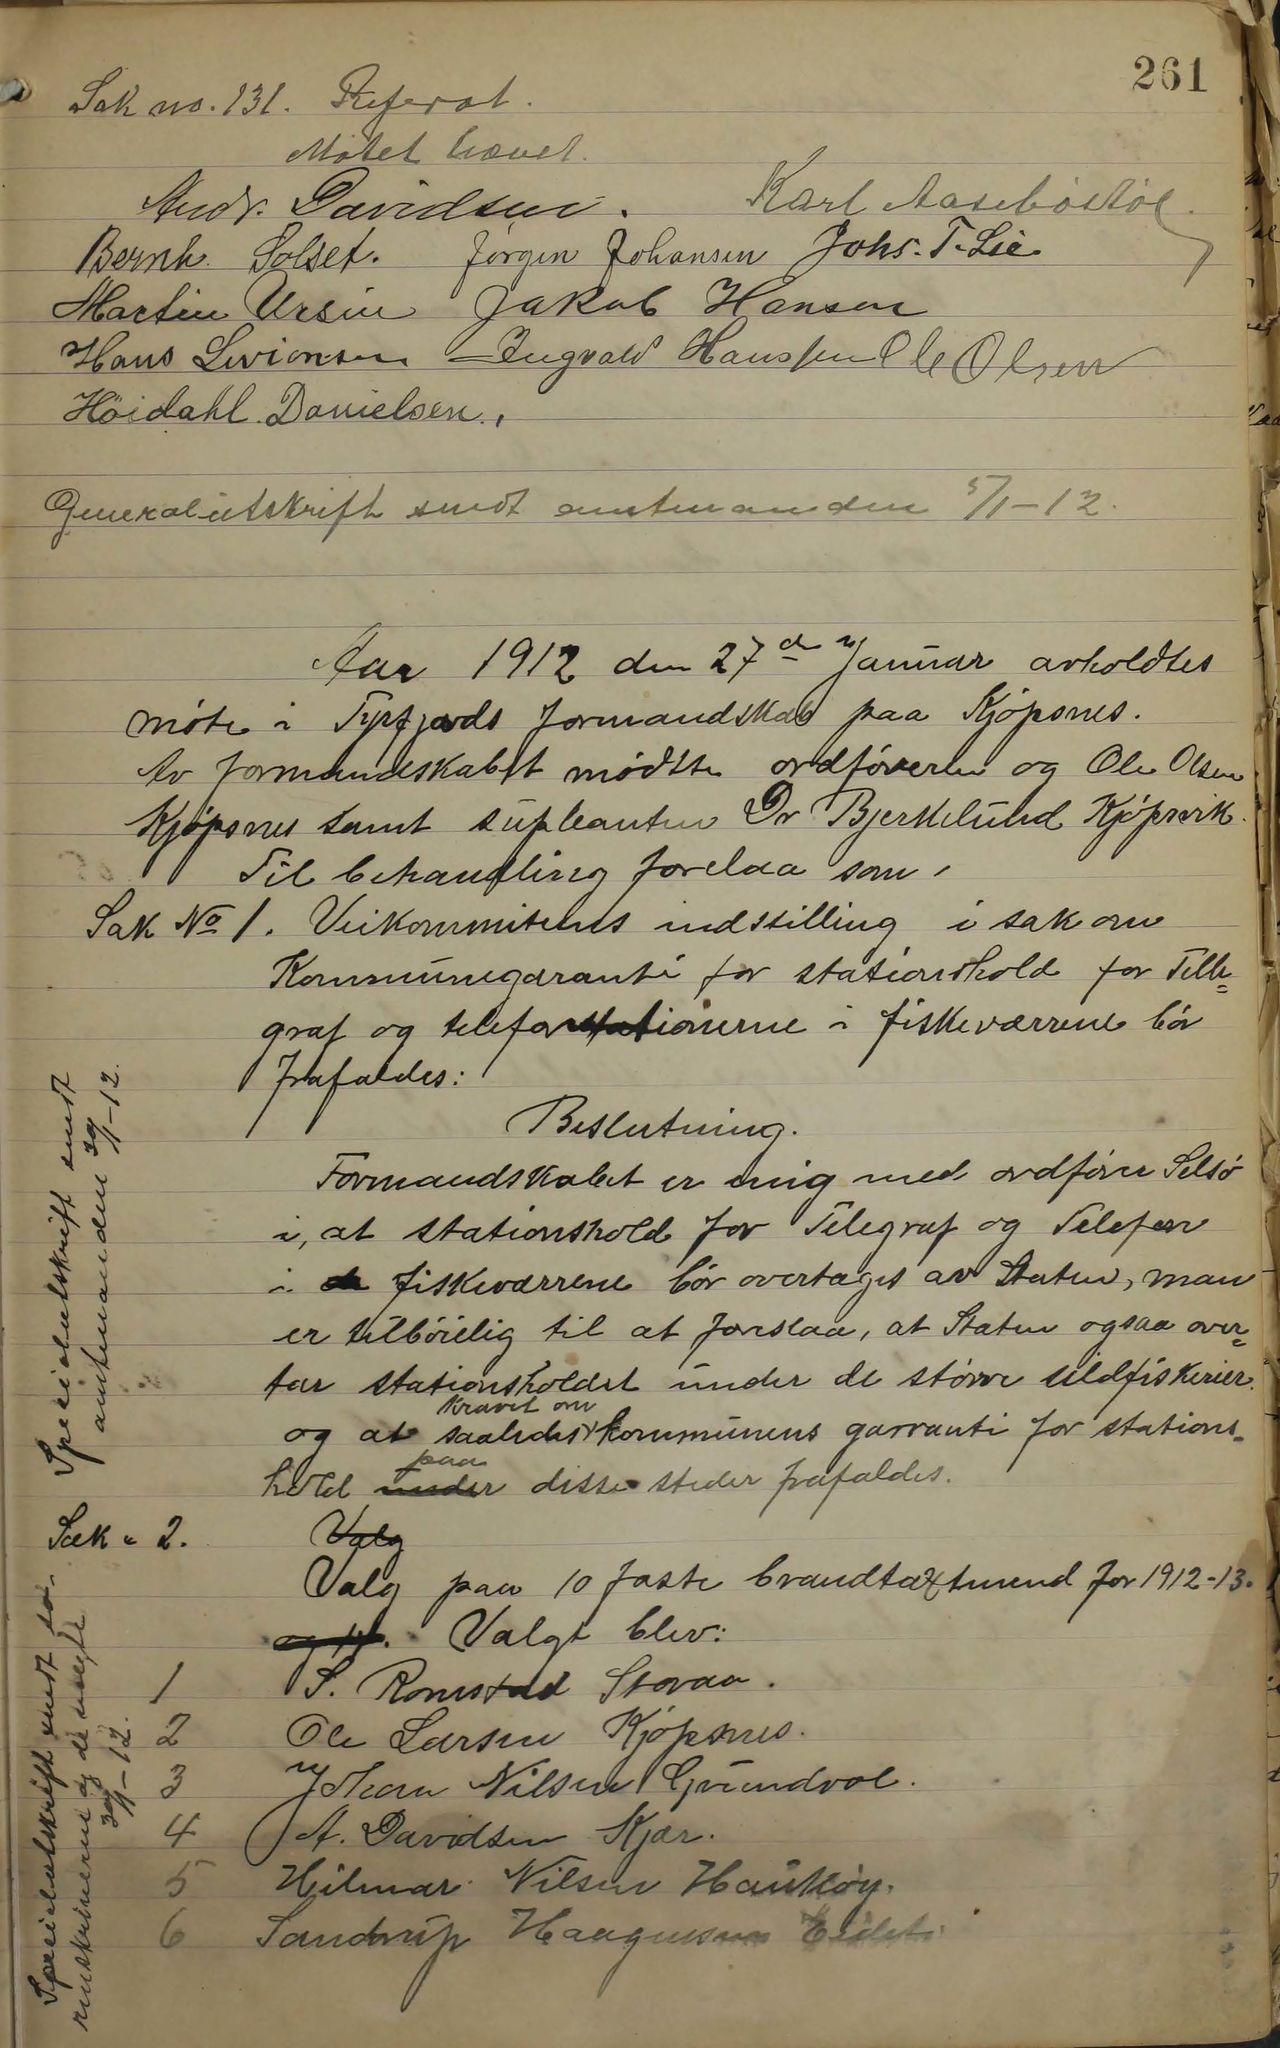 AIN, Tysfjord kommune. Formannskapet, 100/L0002: Forhandlingsprotokoll for Tysfjordens formandskap, 1895-1912, s. 261